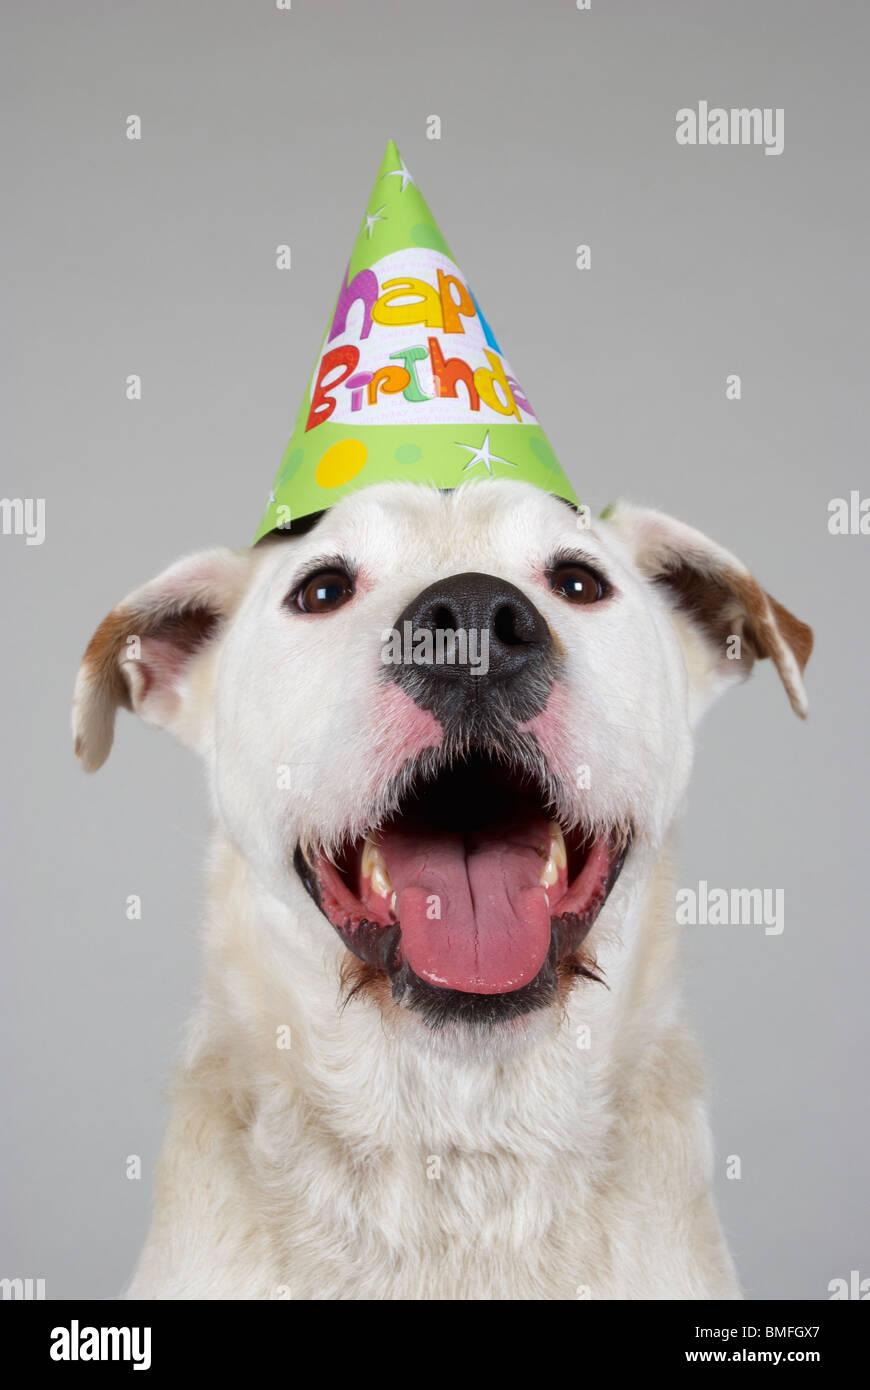 Hund Einen Geburtstag Party Hut Stockfoto Bild 29846047 Alamy